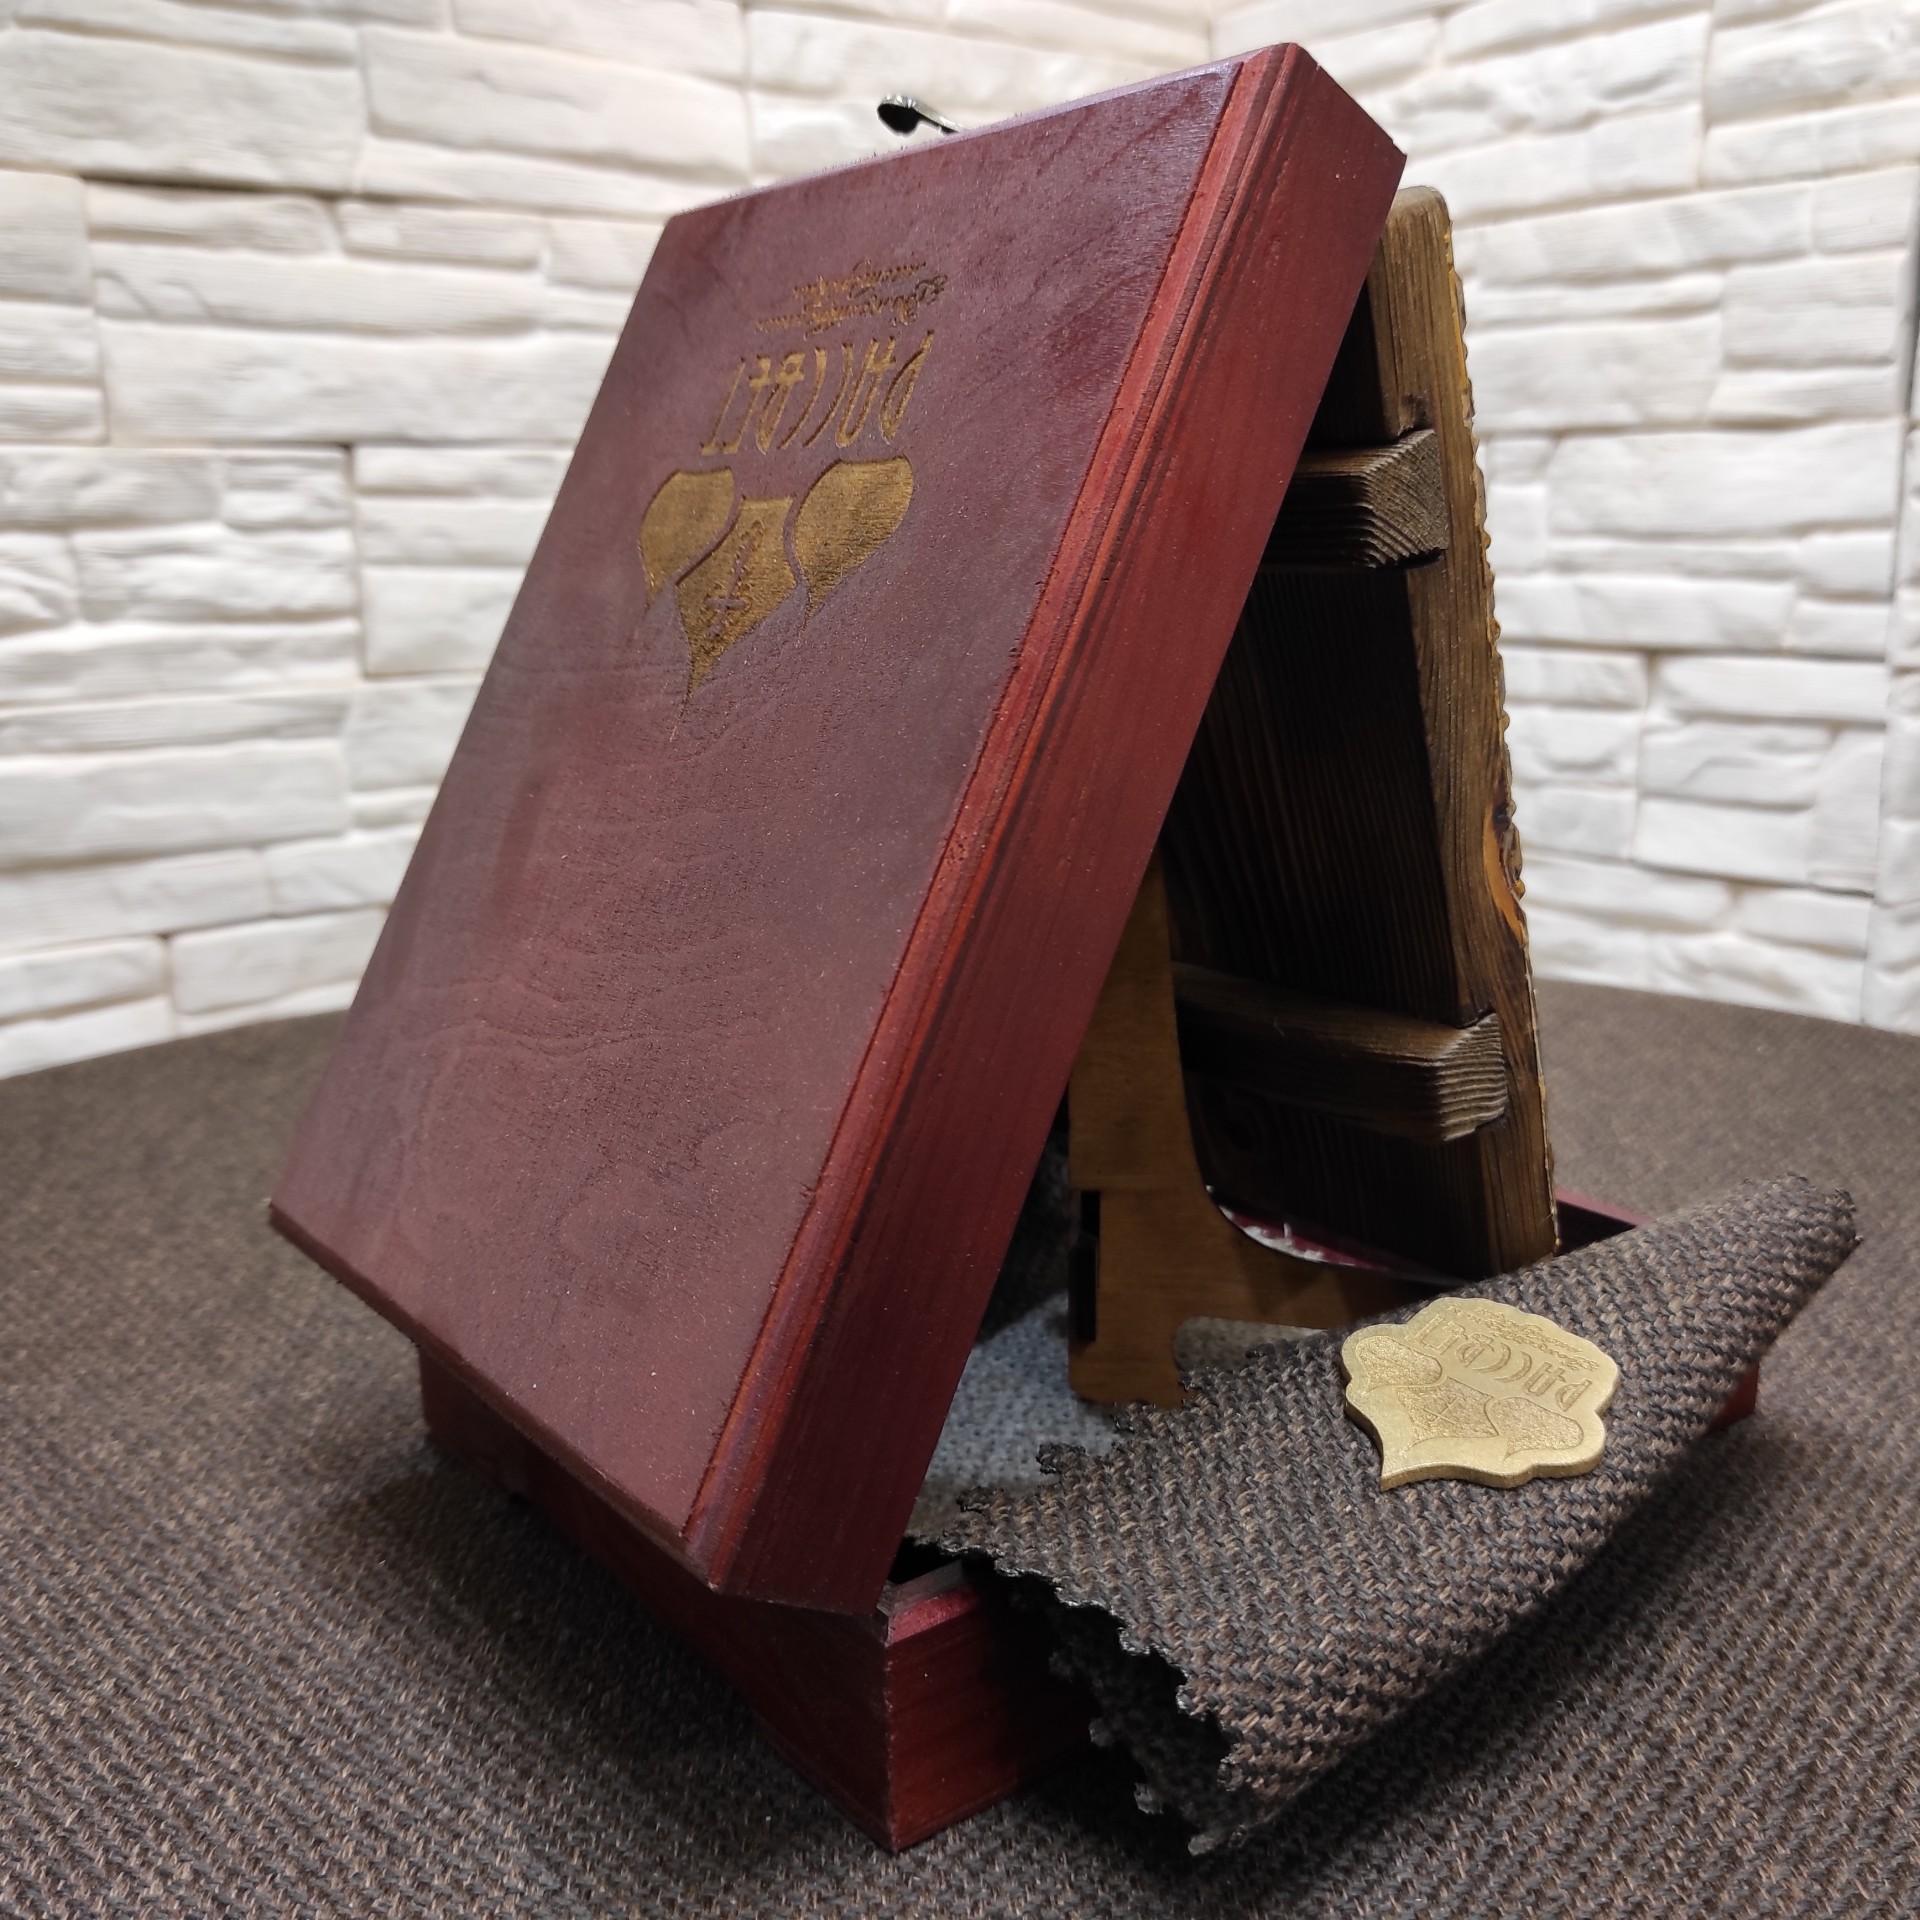 Фото небольшой иконы Артемия Веркольского, подарочная на подставке в футляре вид сзади